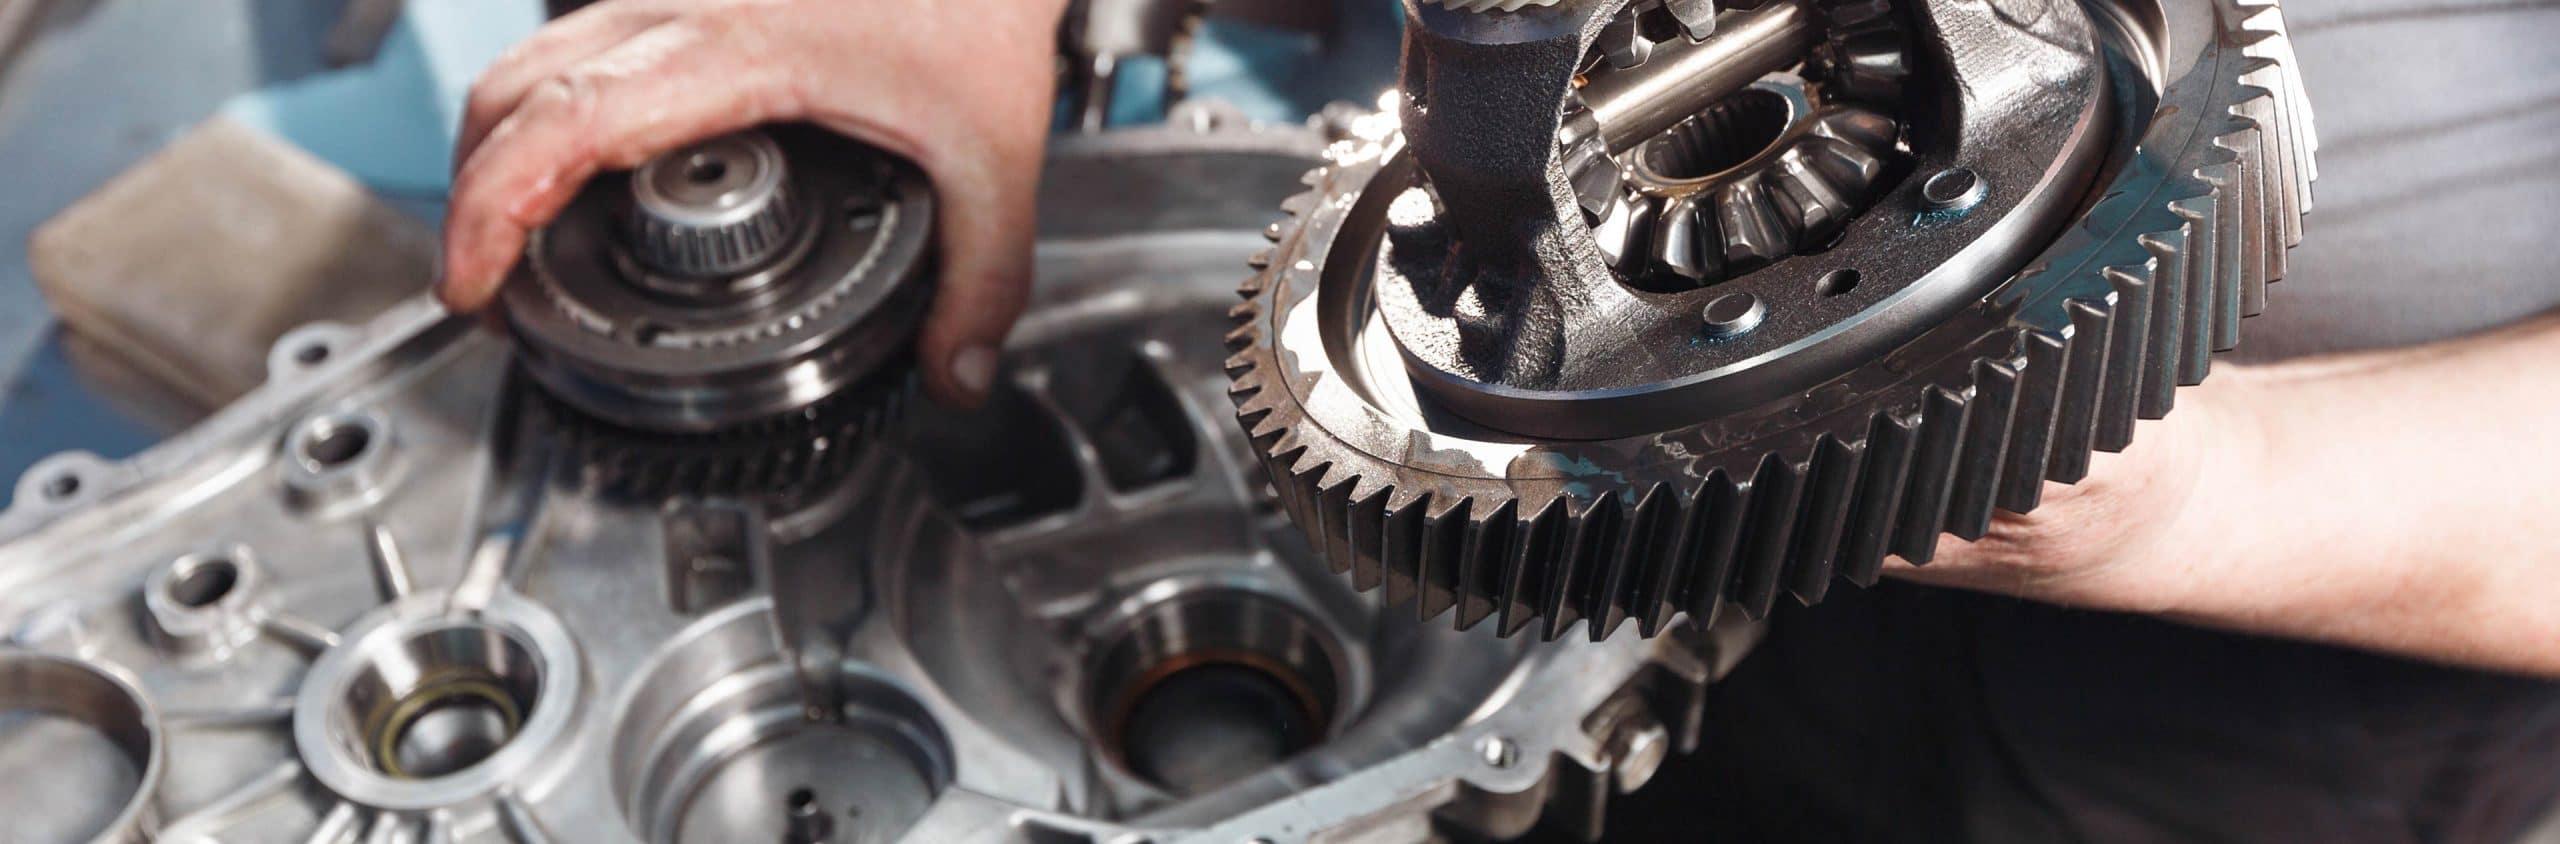 Mechaniker arbeitet an einem Getriebe